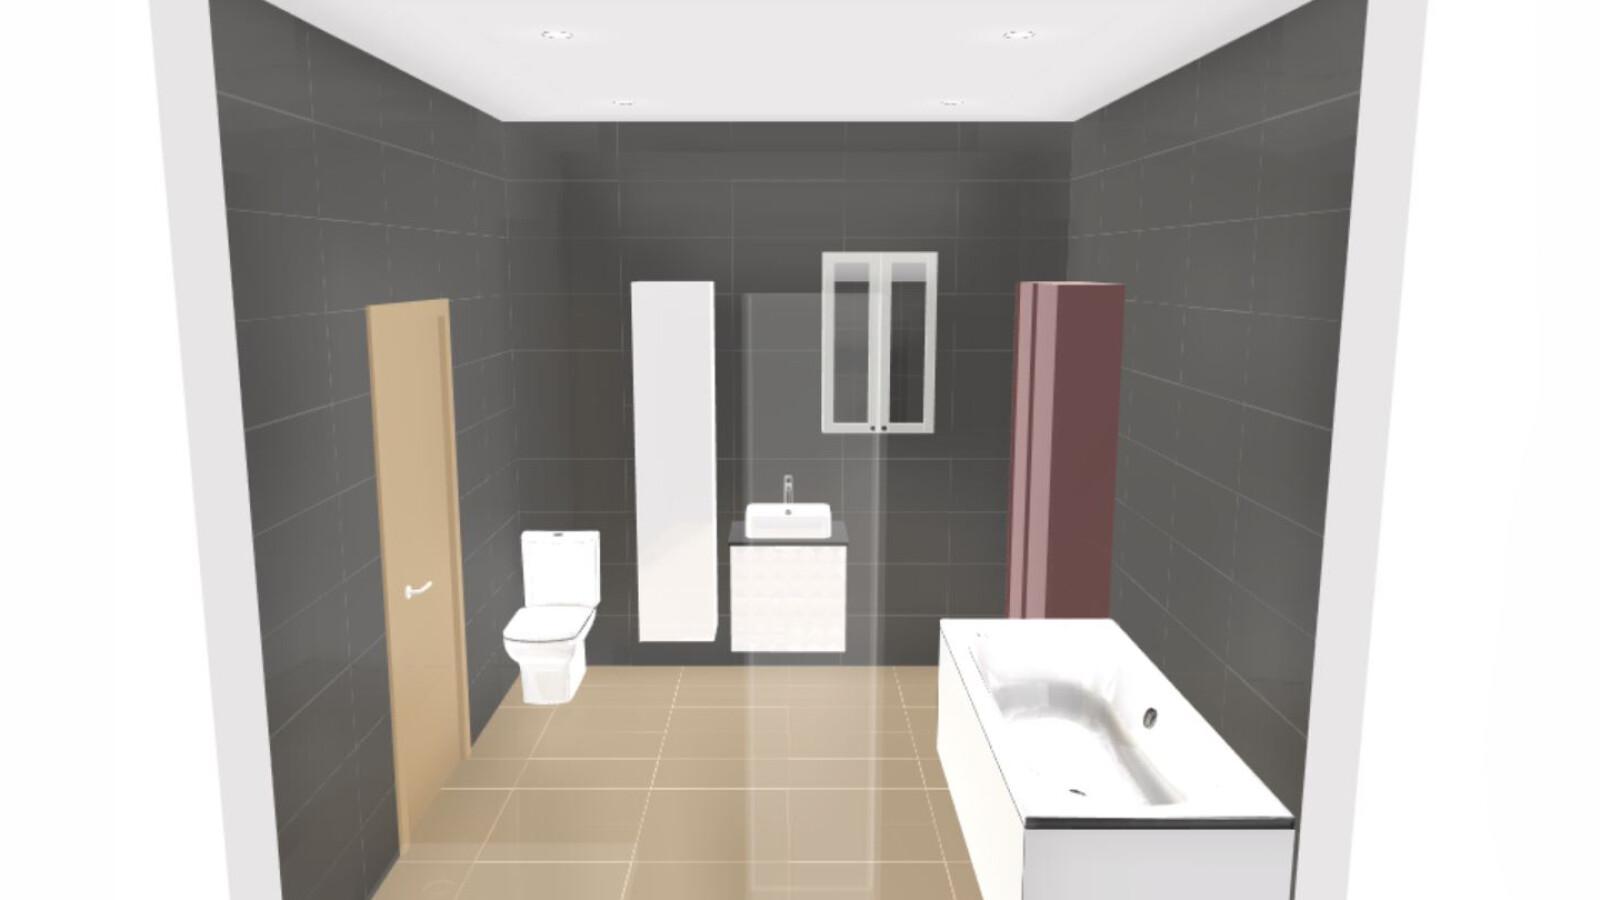 Ikea Planer So Richtet Ihr Ein Euer Badezimmer Ein Netzwelt